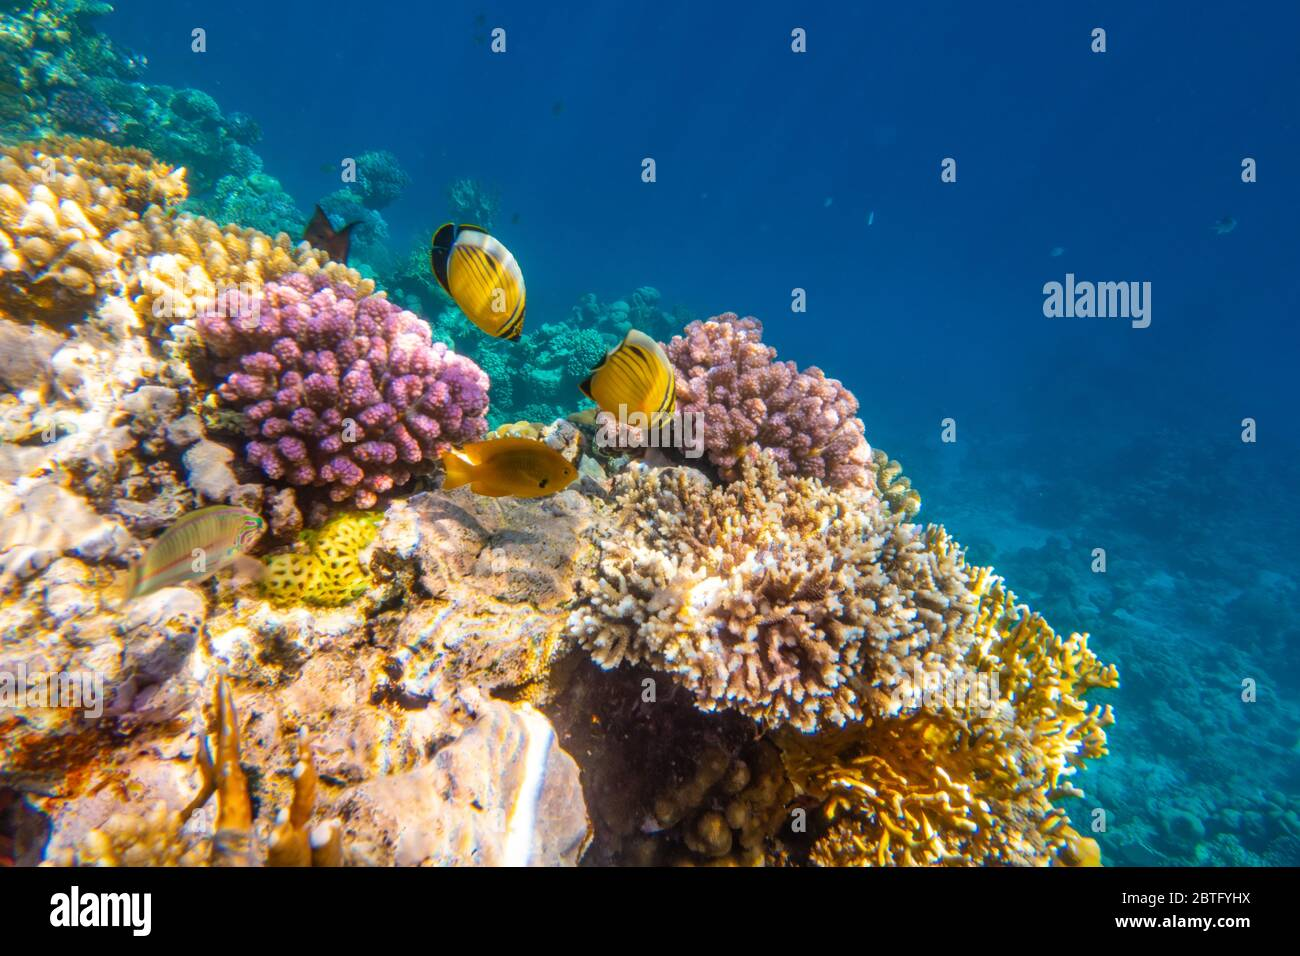 Peces tropicales en arrecifes de coral en el Parque Nacional Ras Mohammed, Egipto Foto de stock